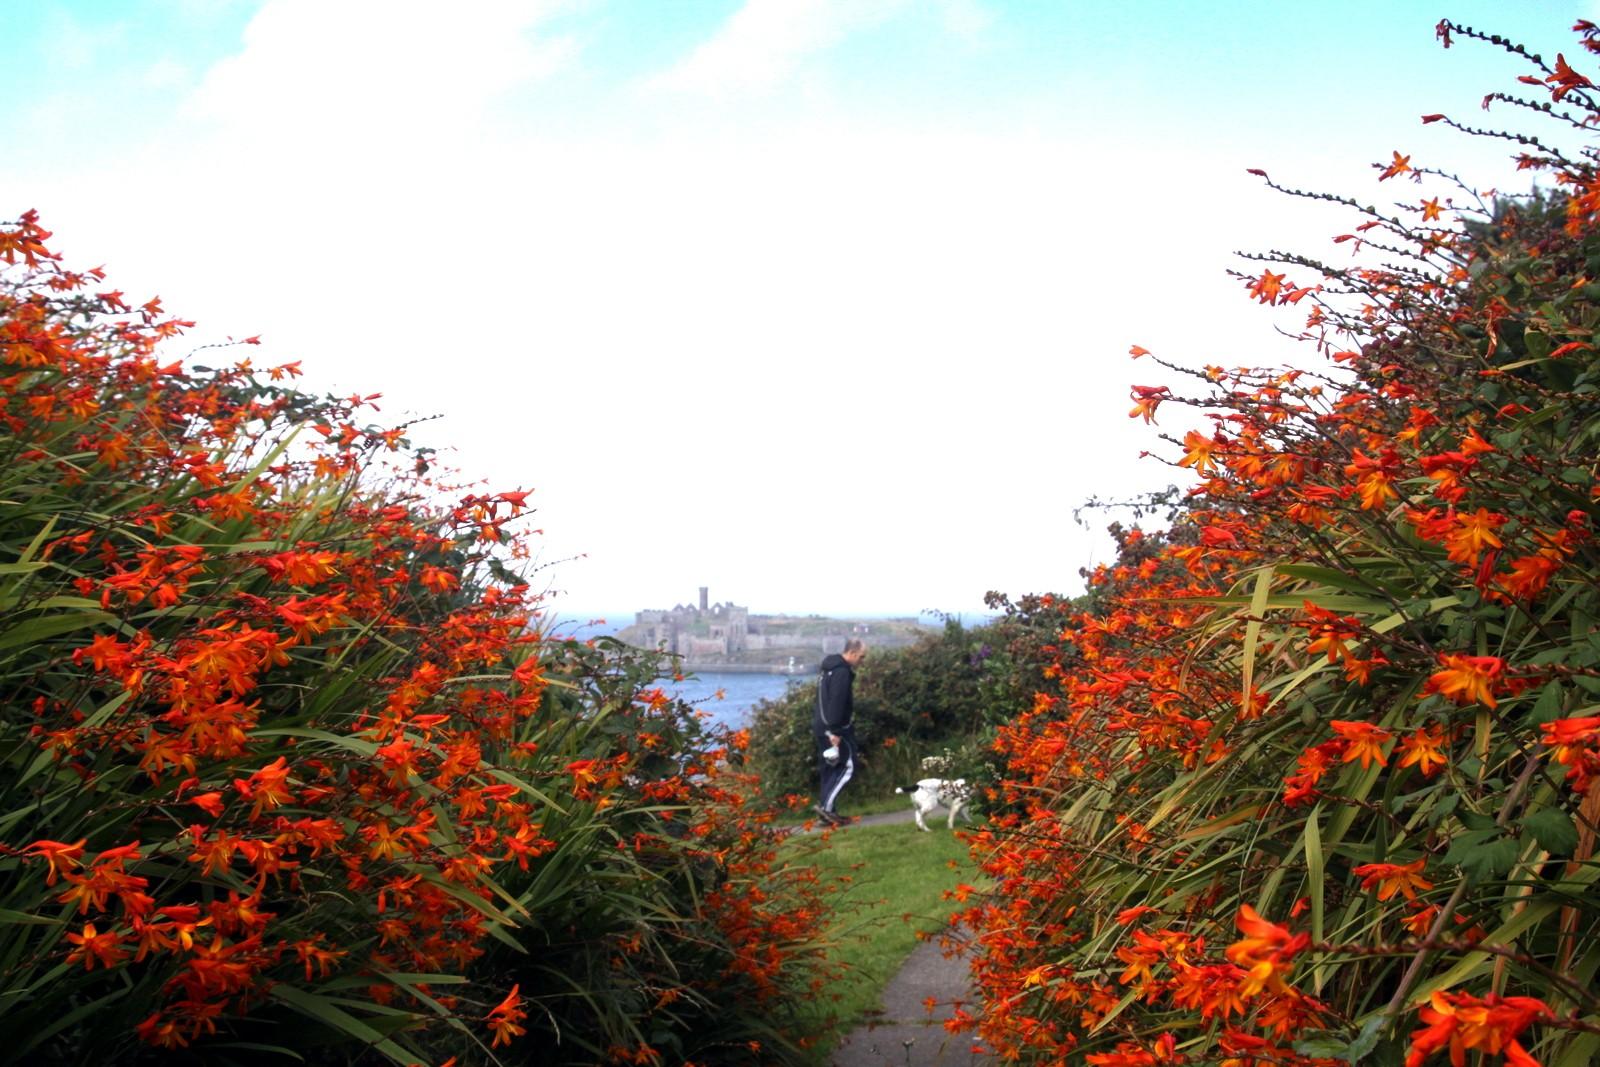 Headland Wildflowers by Tony Faragher